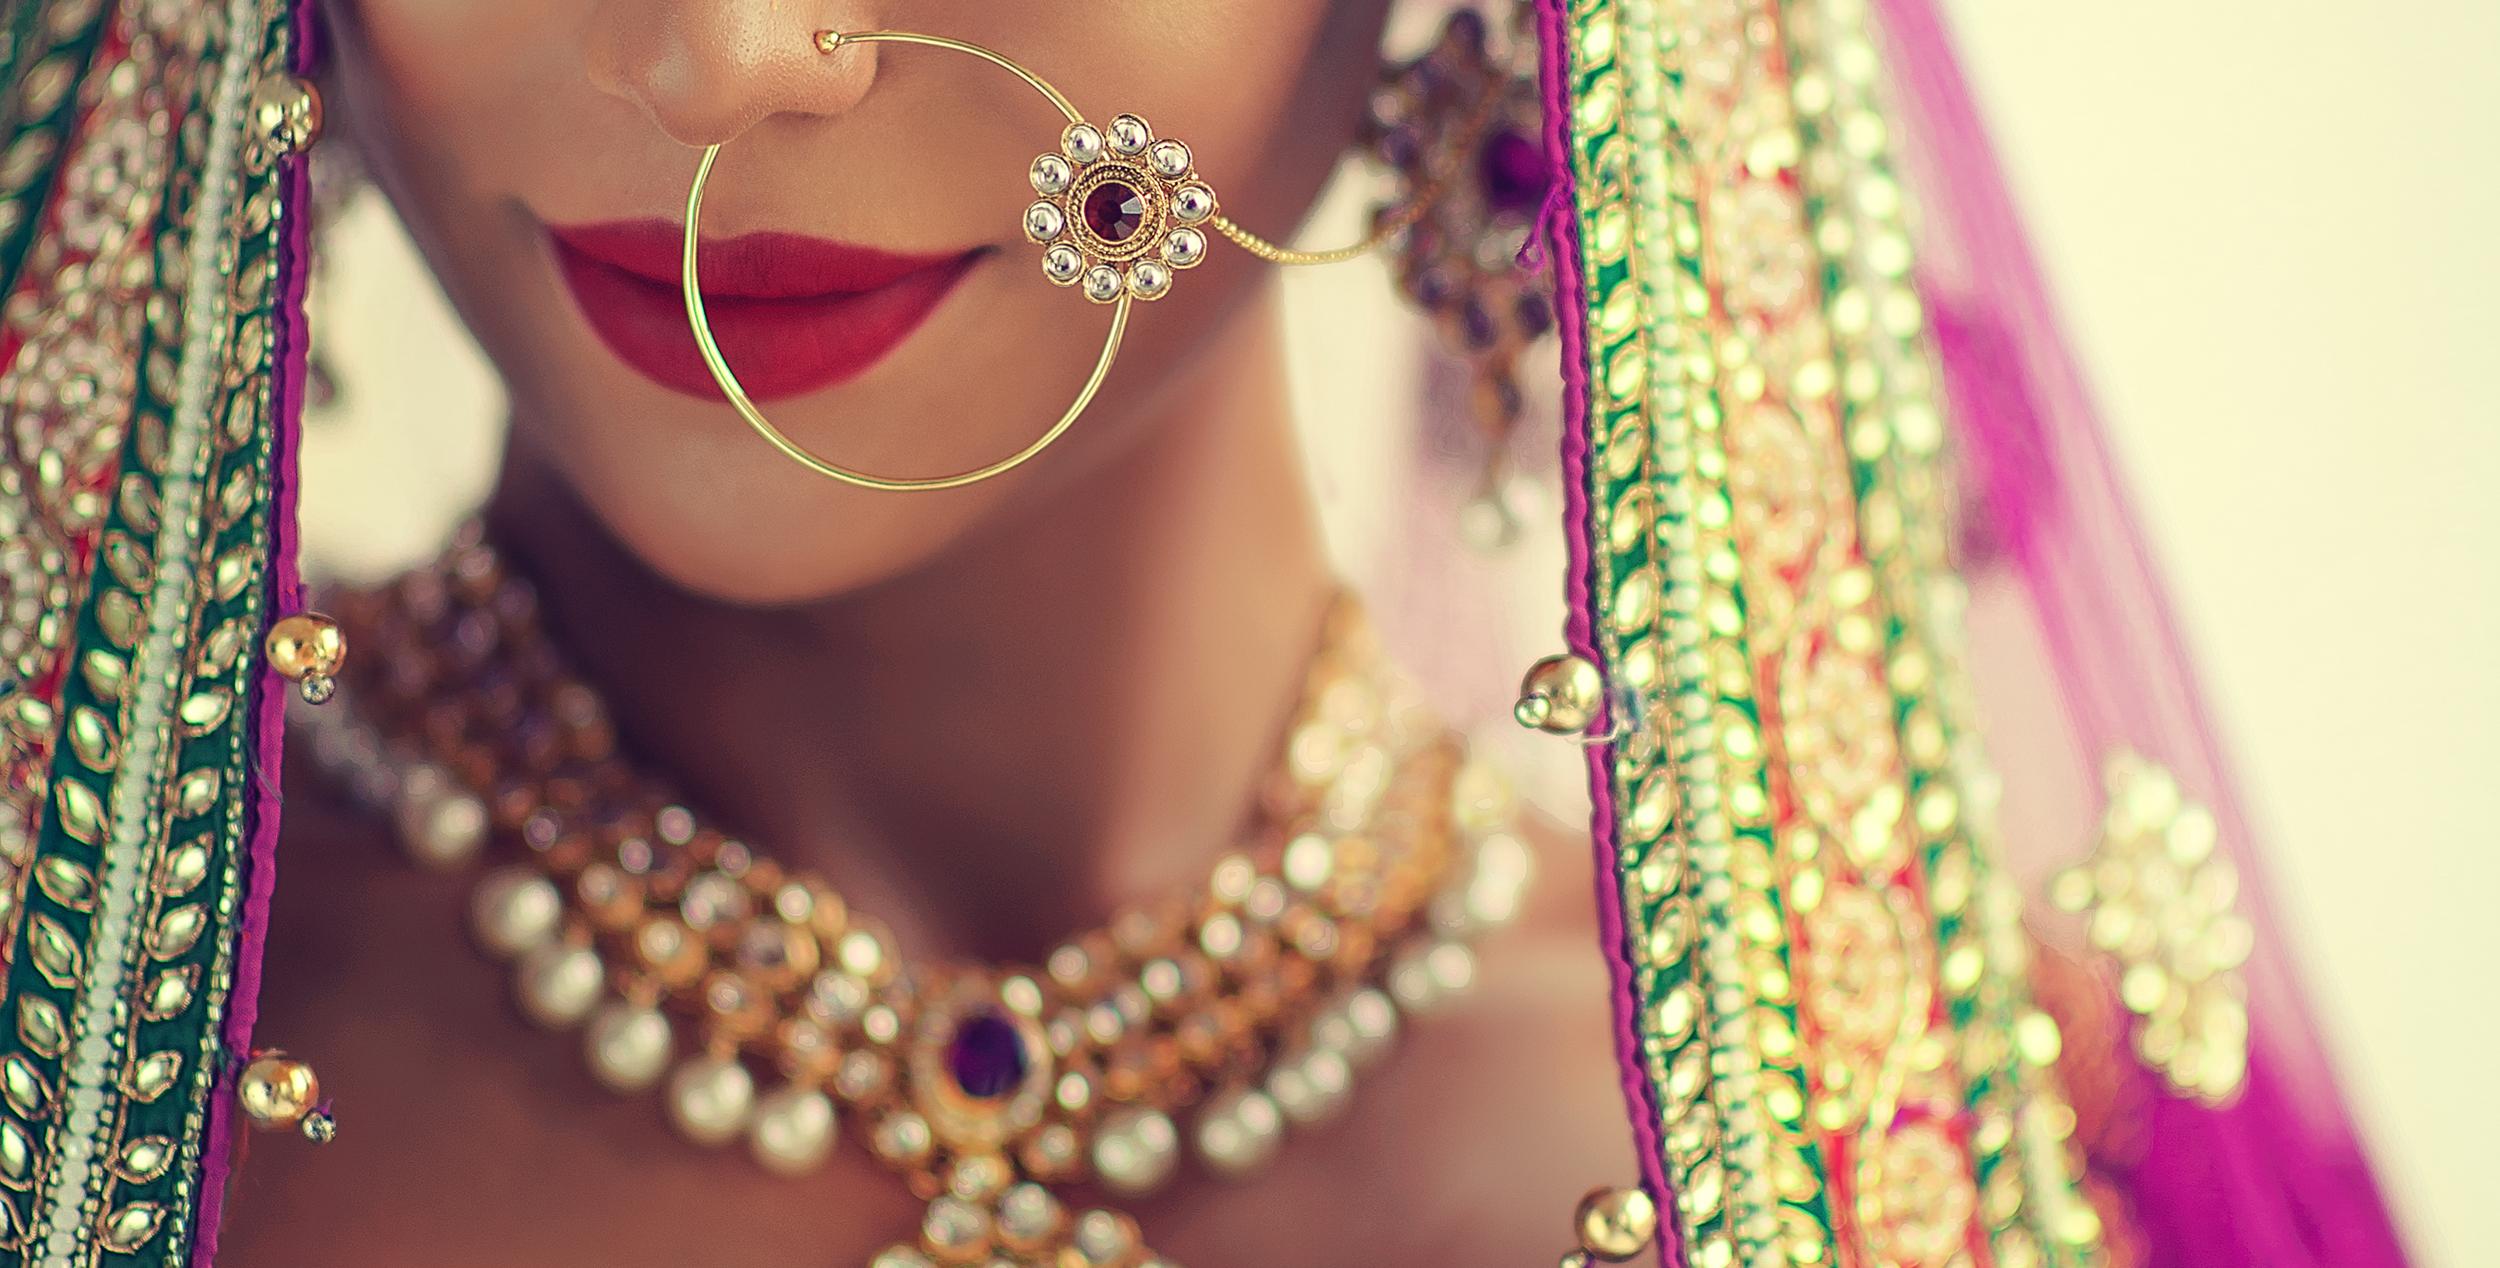 info for 5874f 1902e Traditionell indische Kleidung und Schmuck | Online-Shop für ...